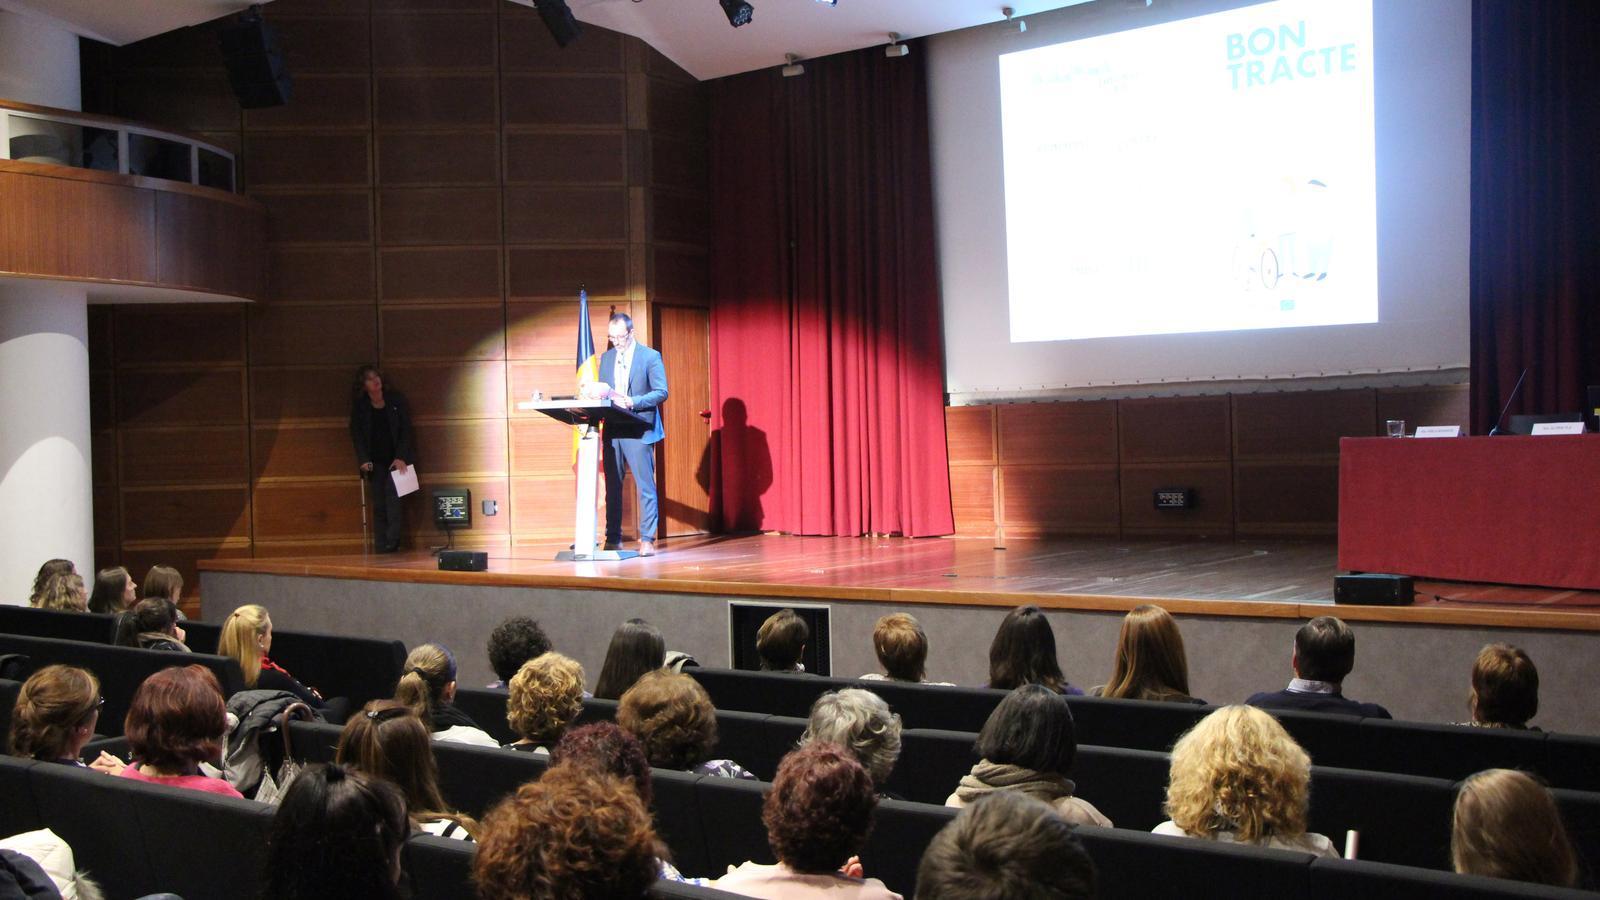 Inauguració per part del ministre d'Afers Socials, Habitatge i Joventut, Víctor Filloy. / C. A. (ANA)